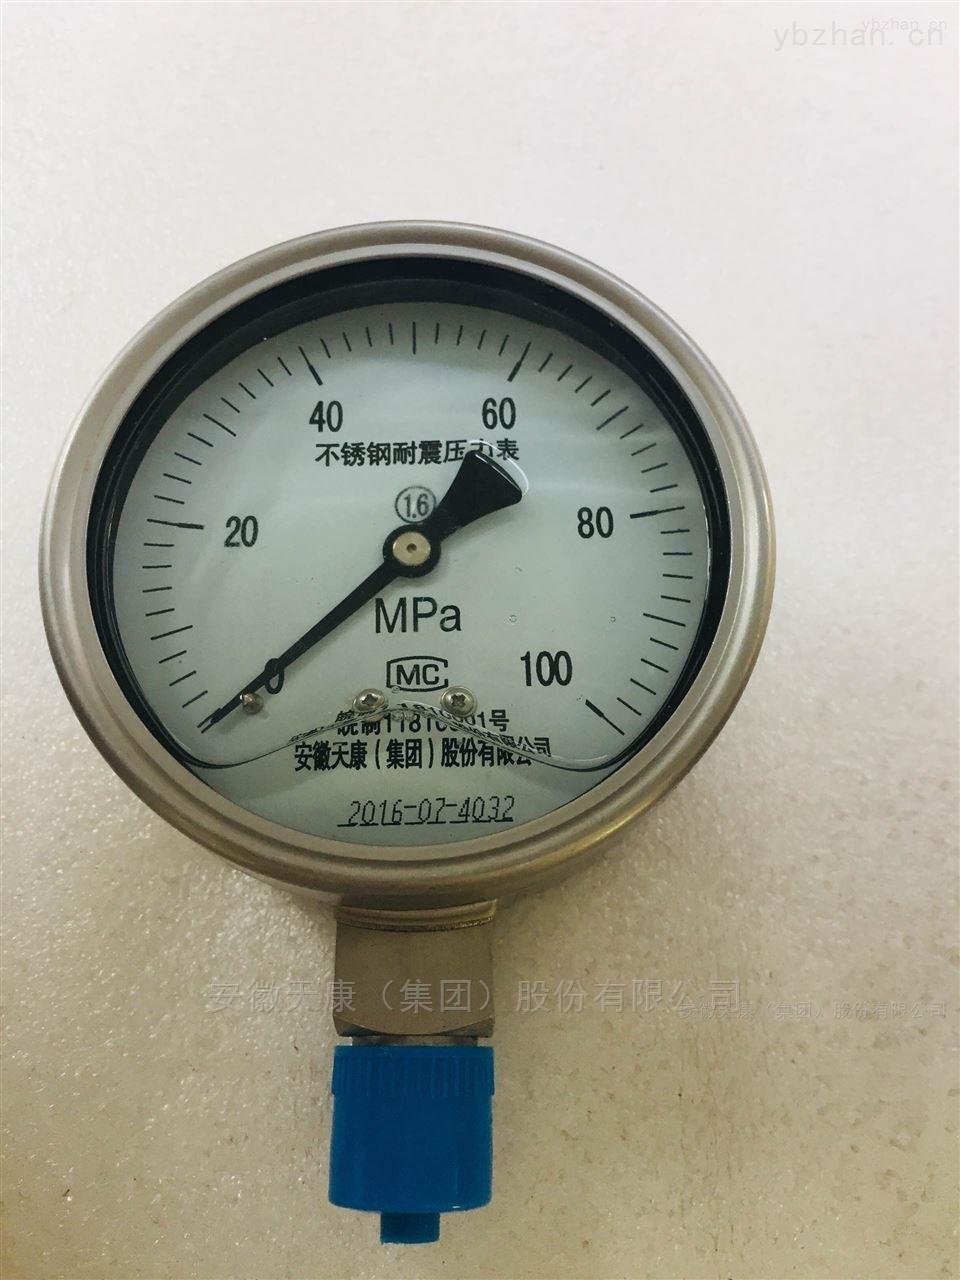 天康不锈钢耐震压力表